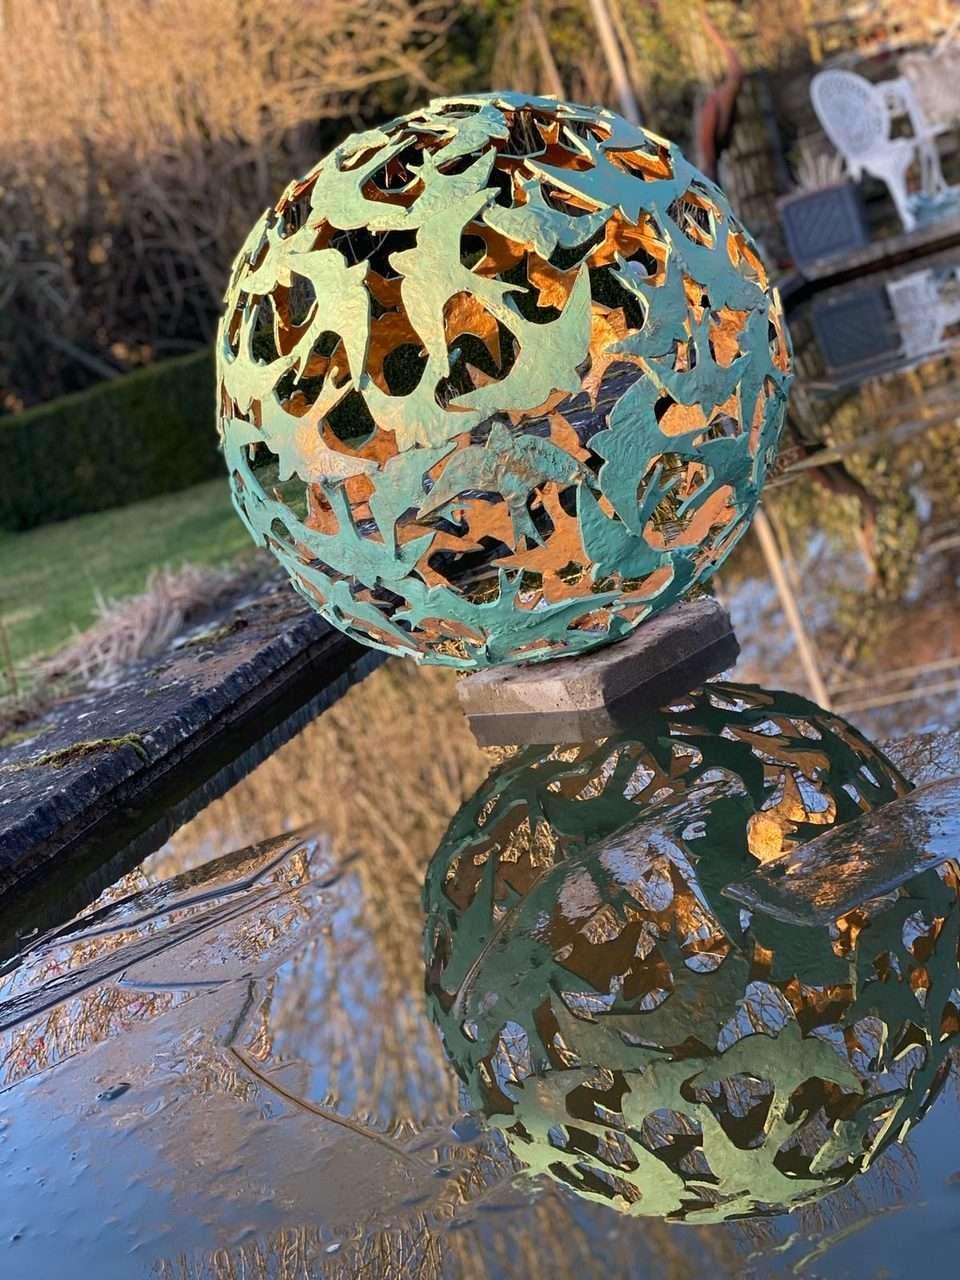 Swift Sphere Sculpture in pond